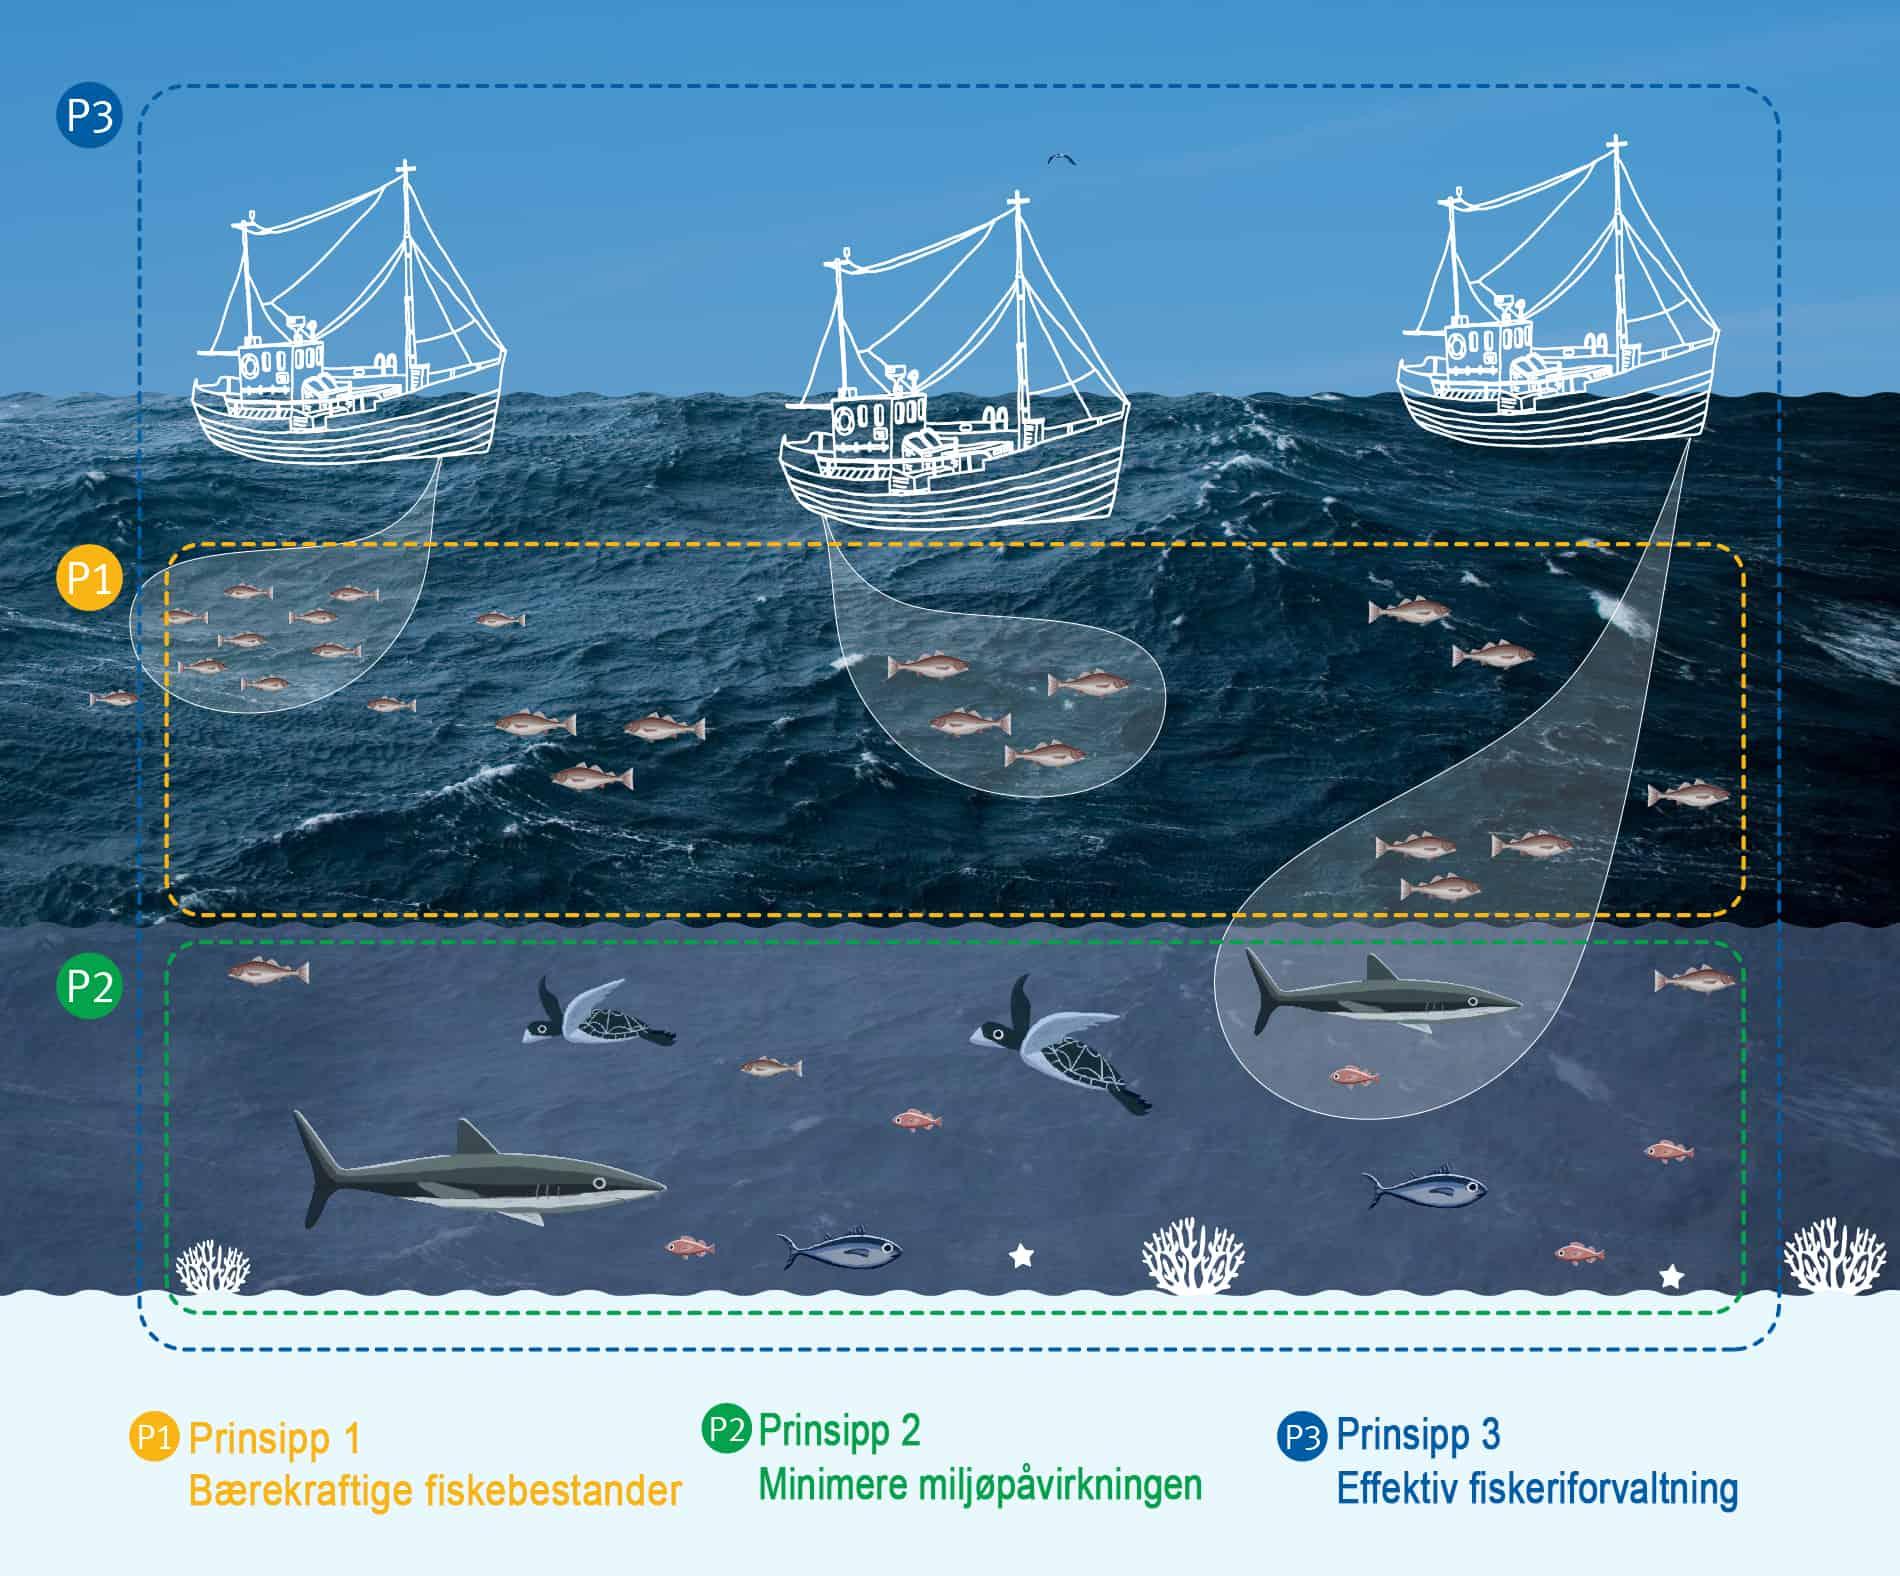 JPG_3 prinsipper bilde norsk